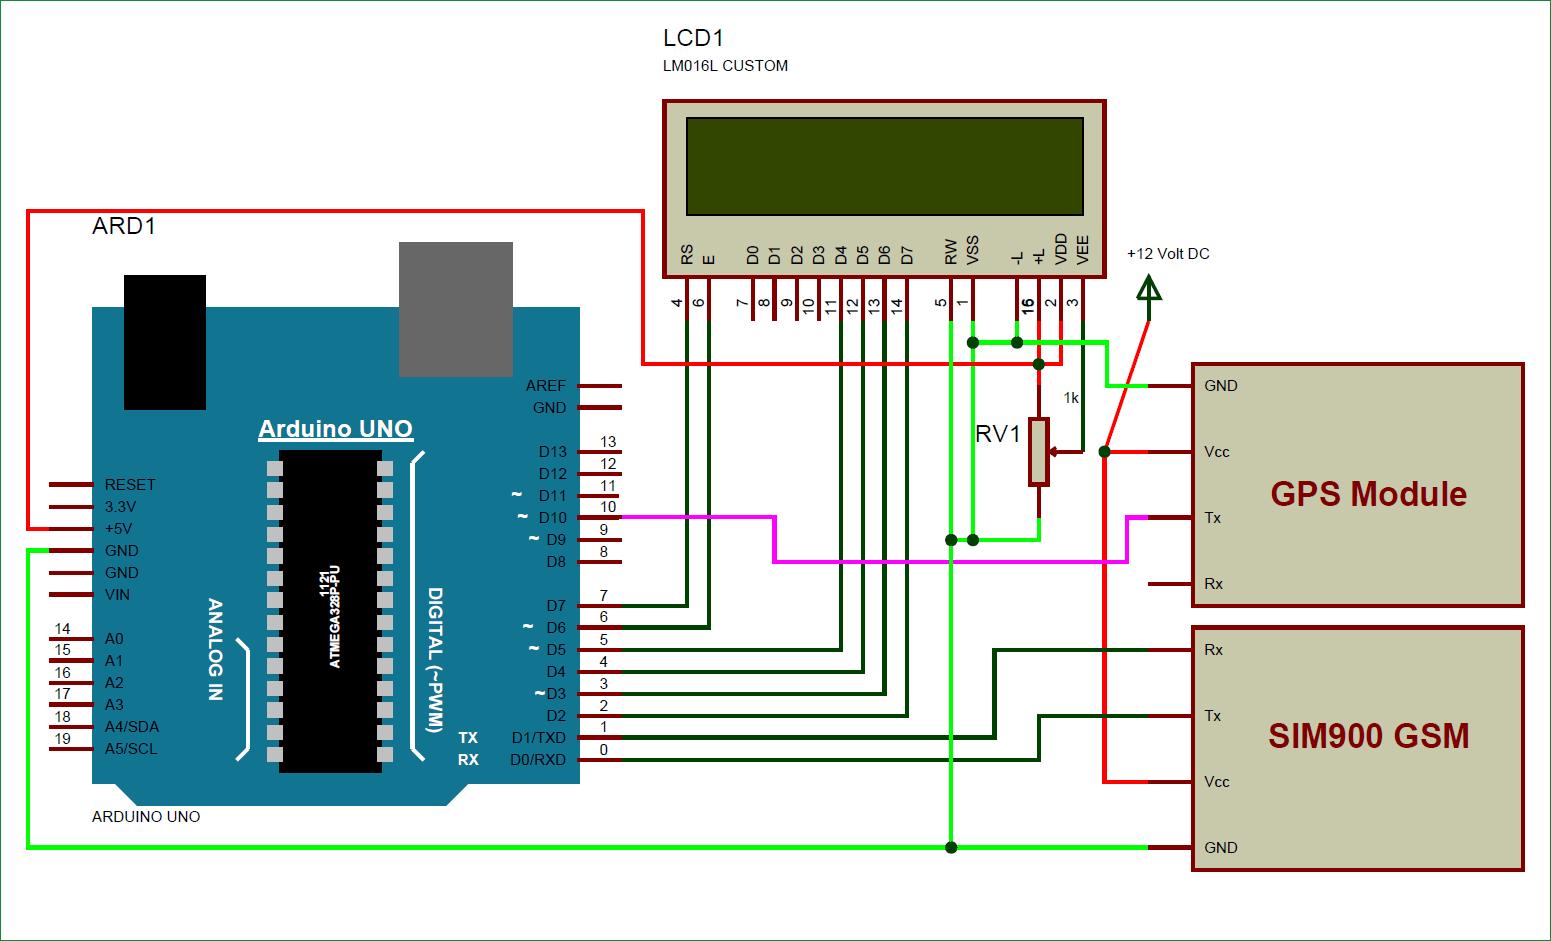 Схема устройства для отслеживания местоположения автомобиля с использованием GPS, GSM и Arduino